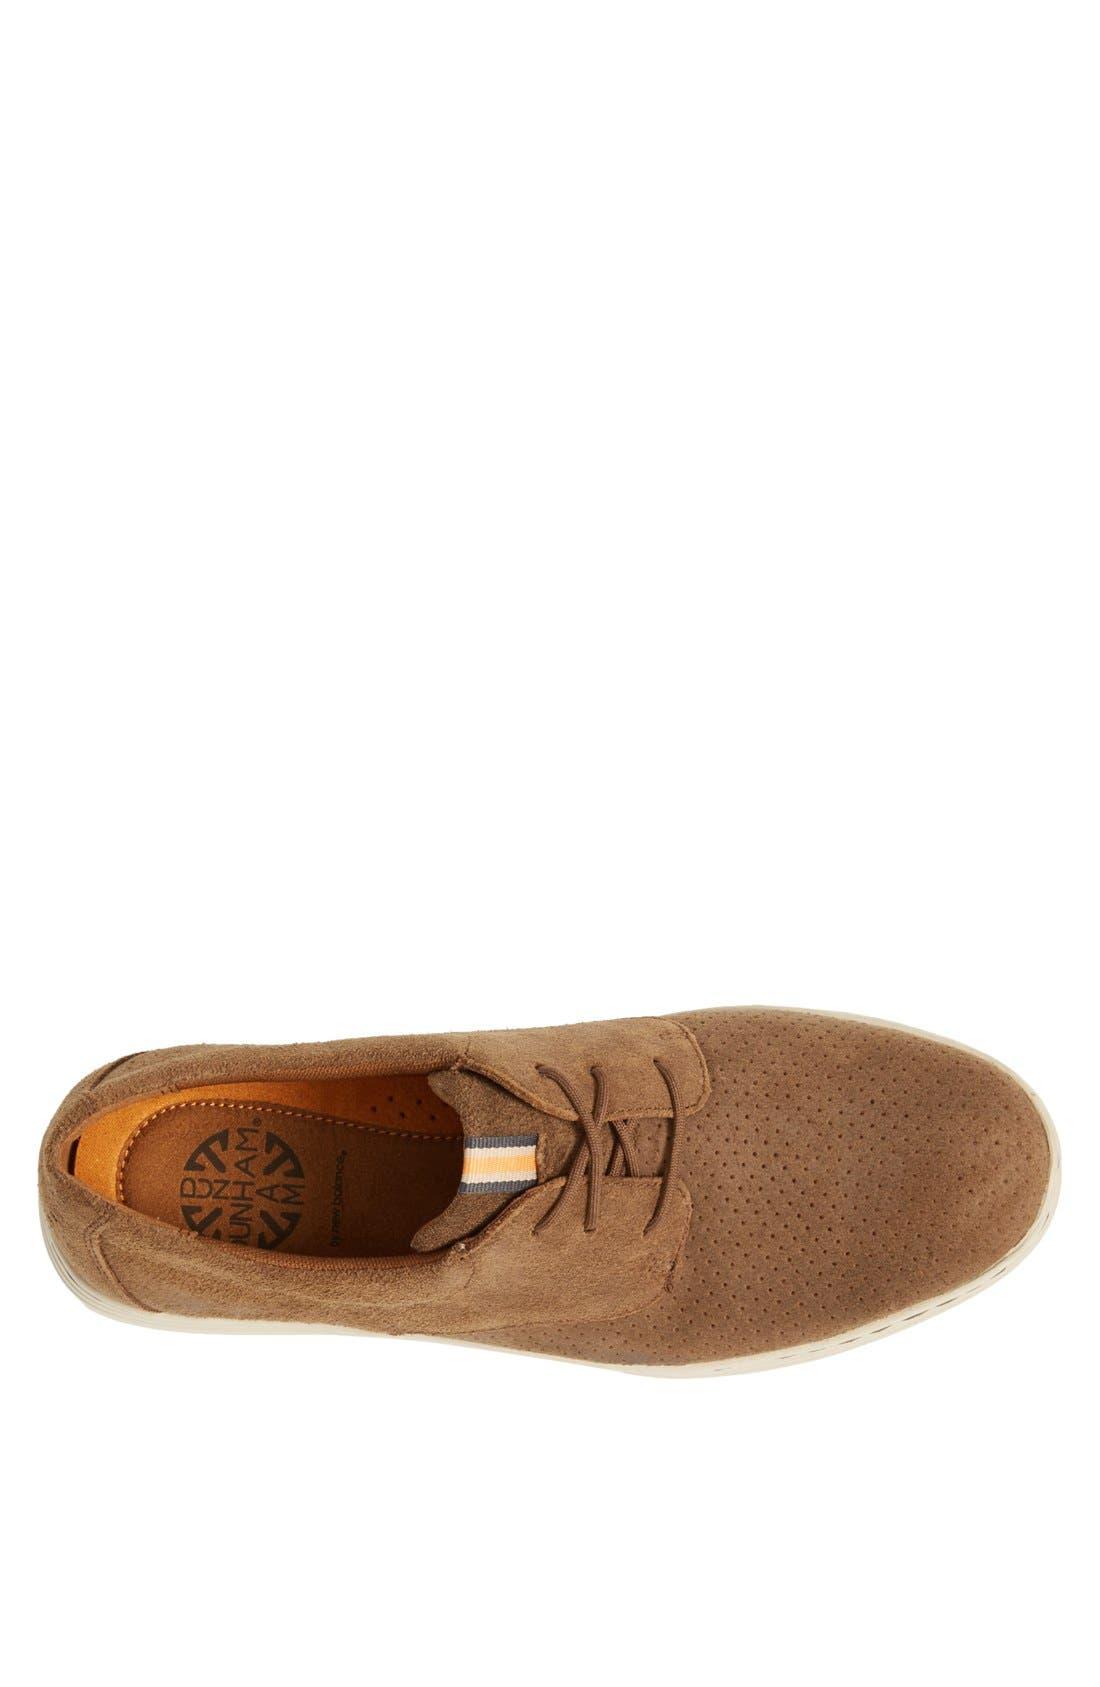 Alternate Image 3  - Dunham 'Camden' Sneaker